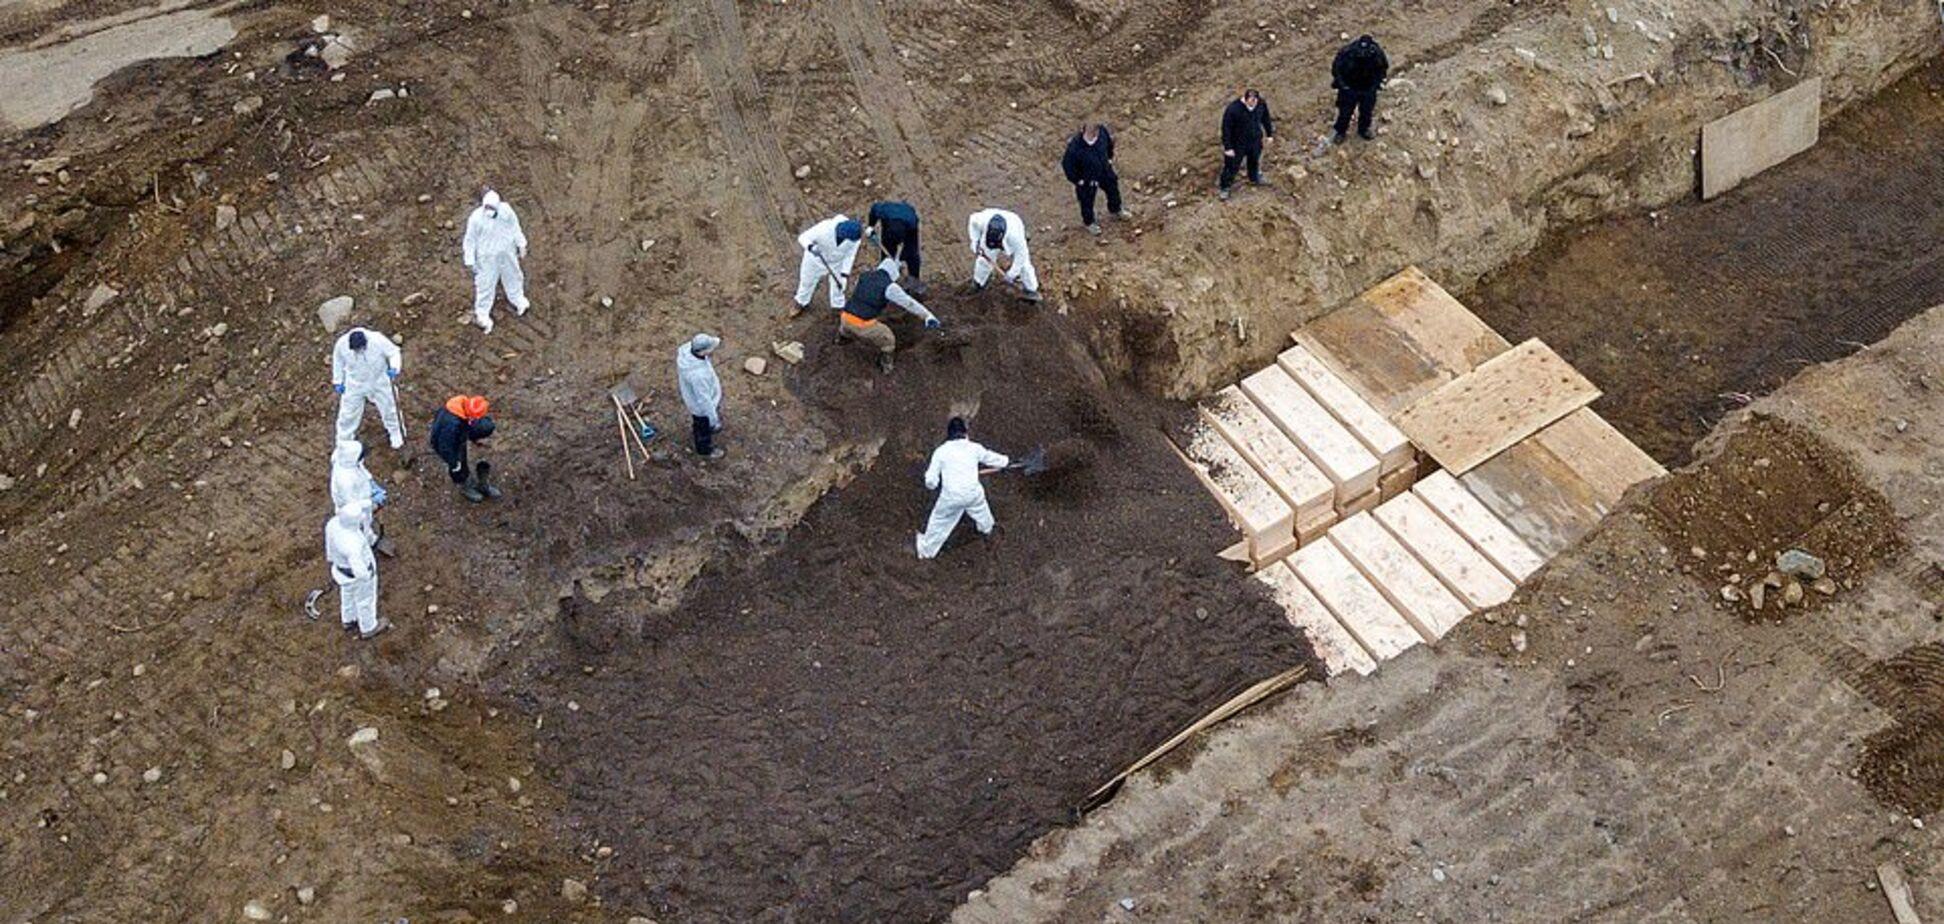 Остров-братская могила: под Нью-Йорком засняли жуткие фото с гробами в три уровня